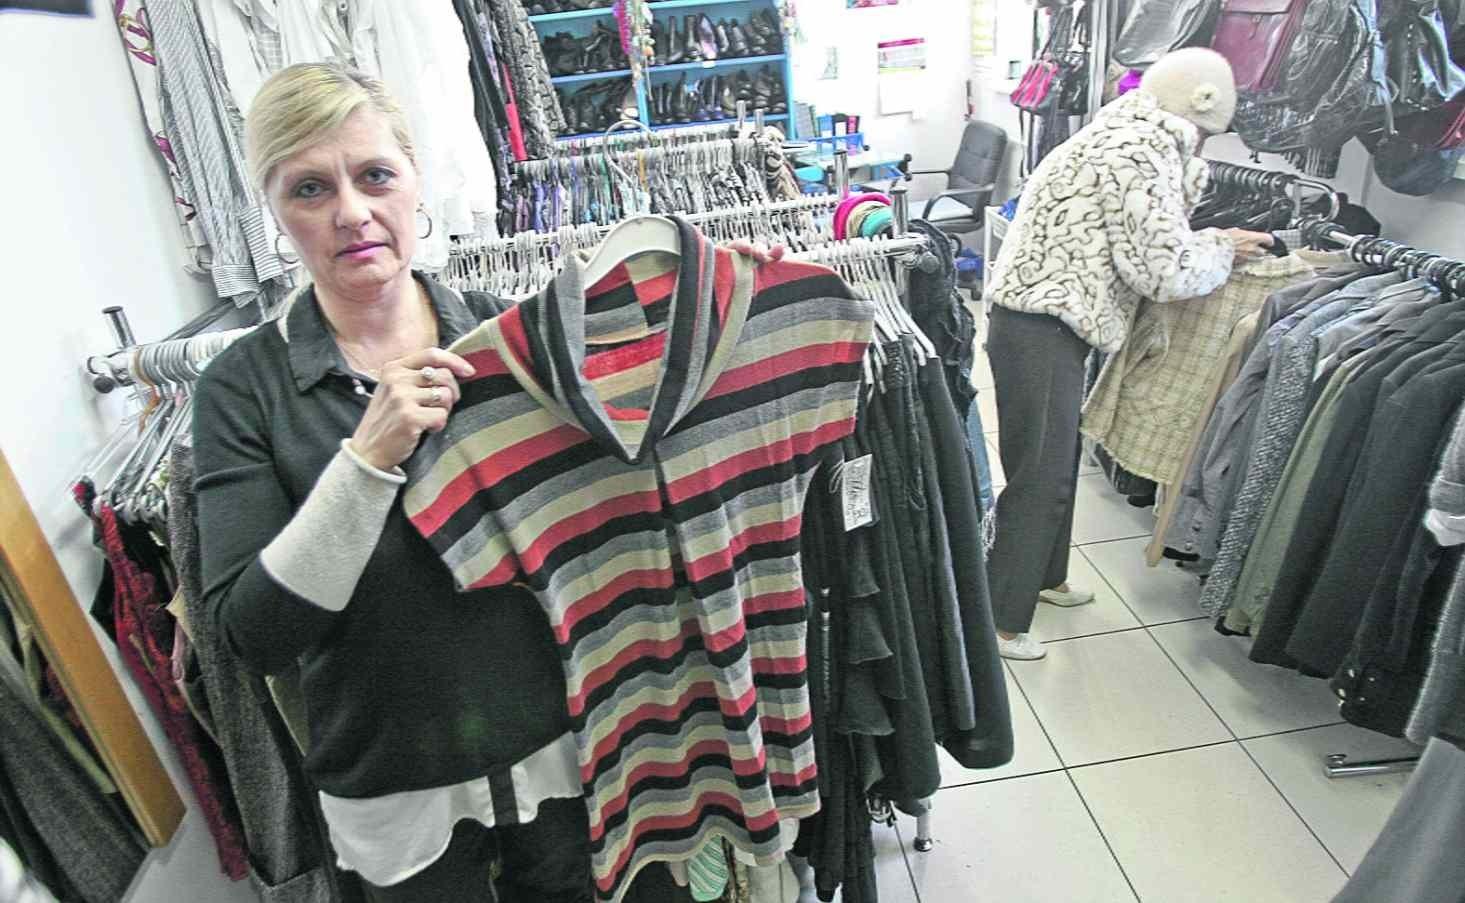 fcff79f596 Wrocław  Lumpeksy modne i oryginalne